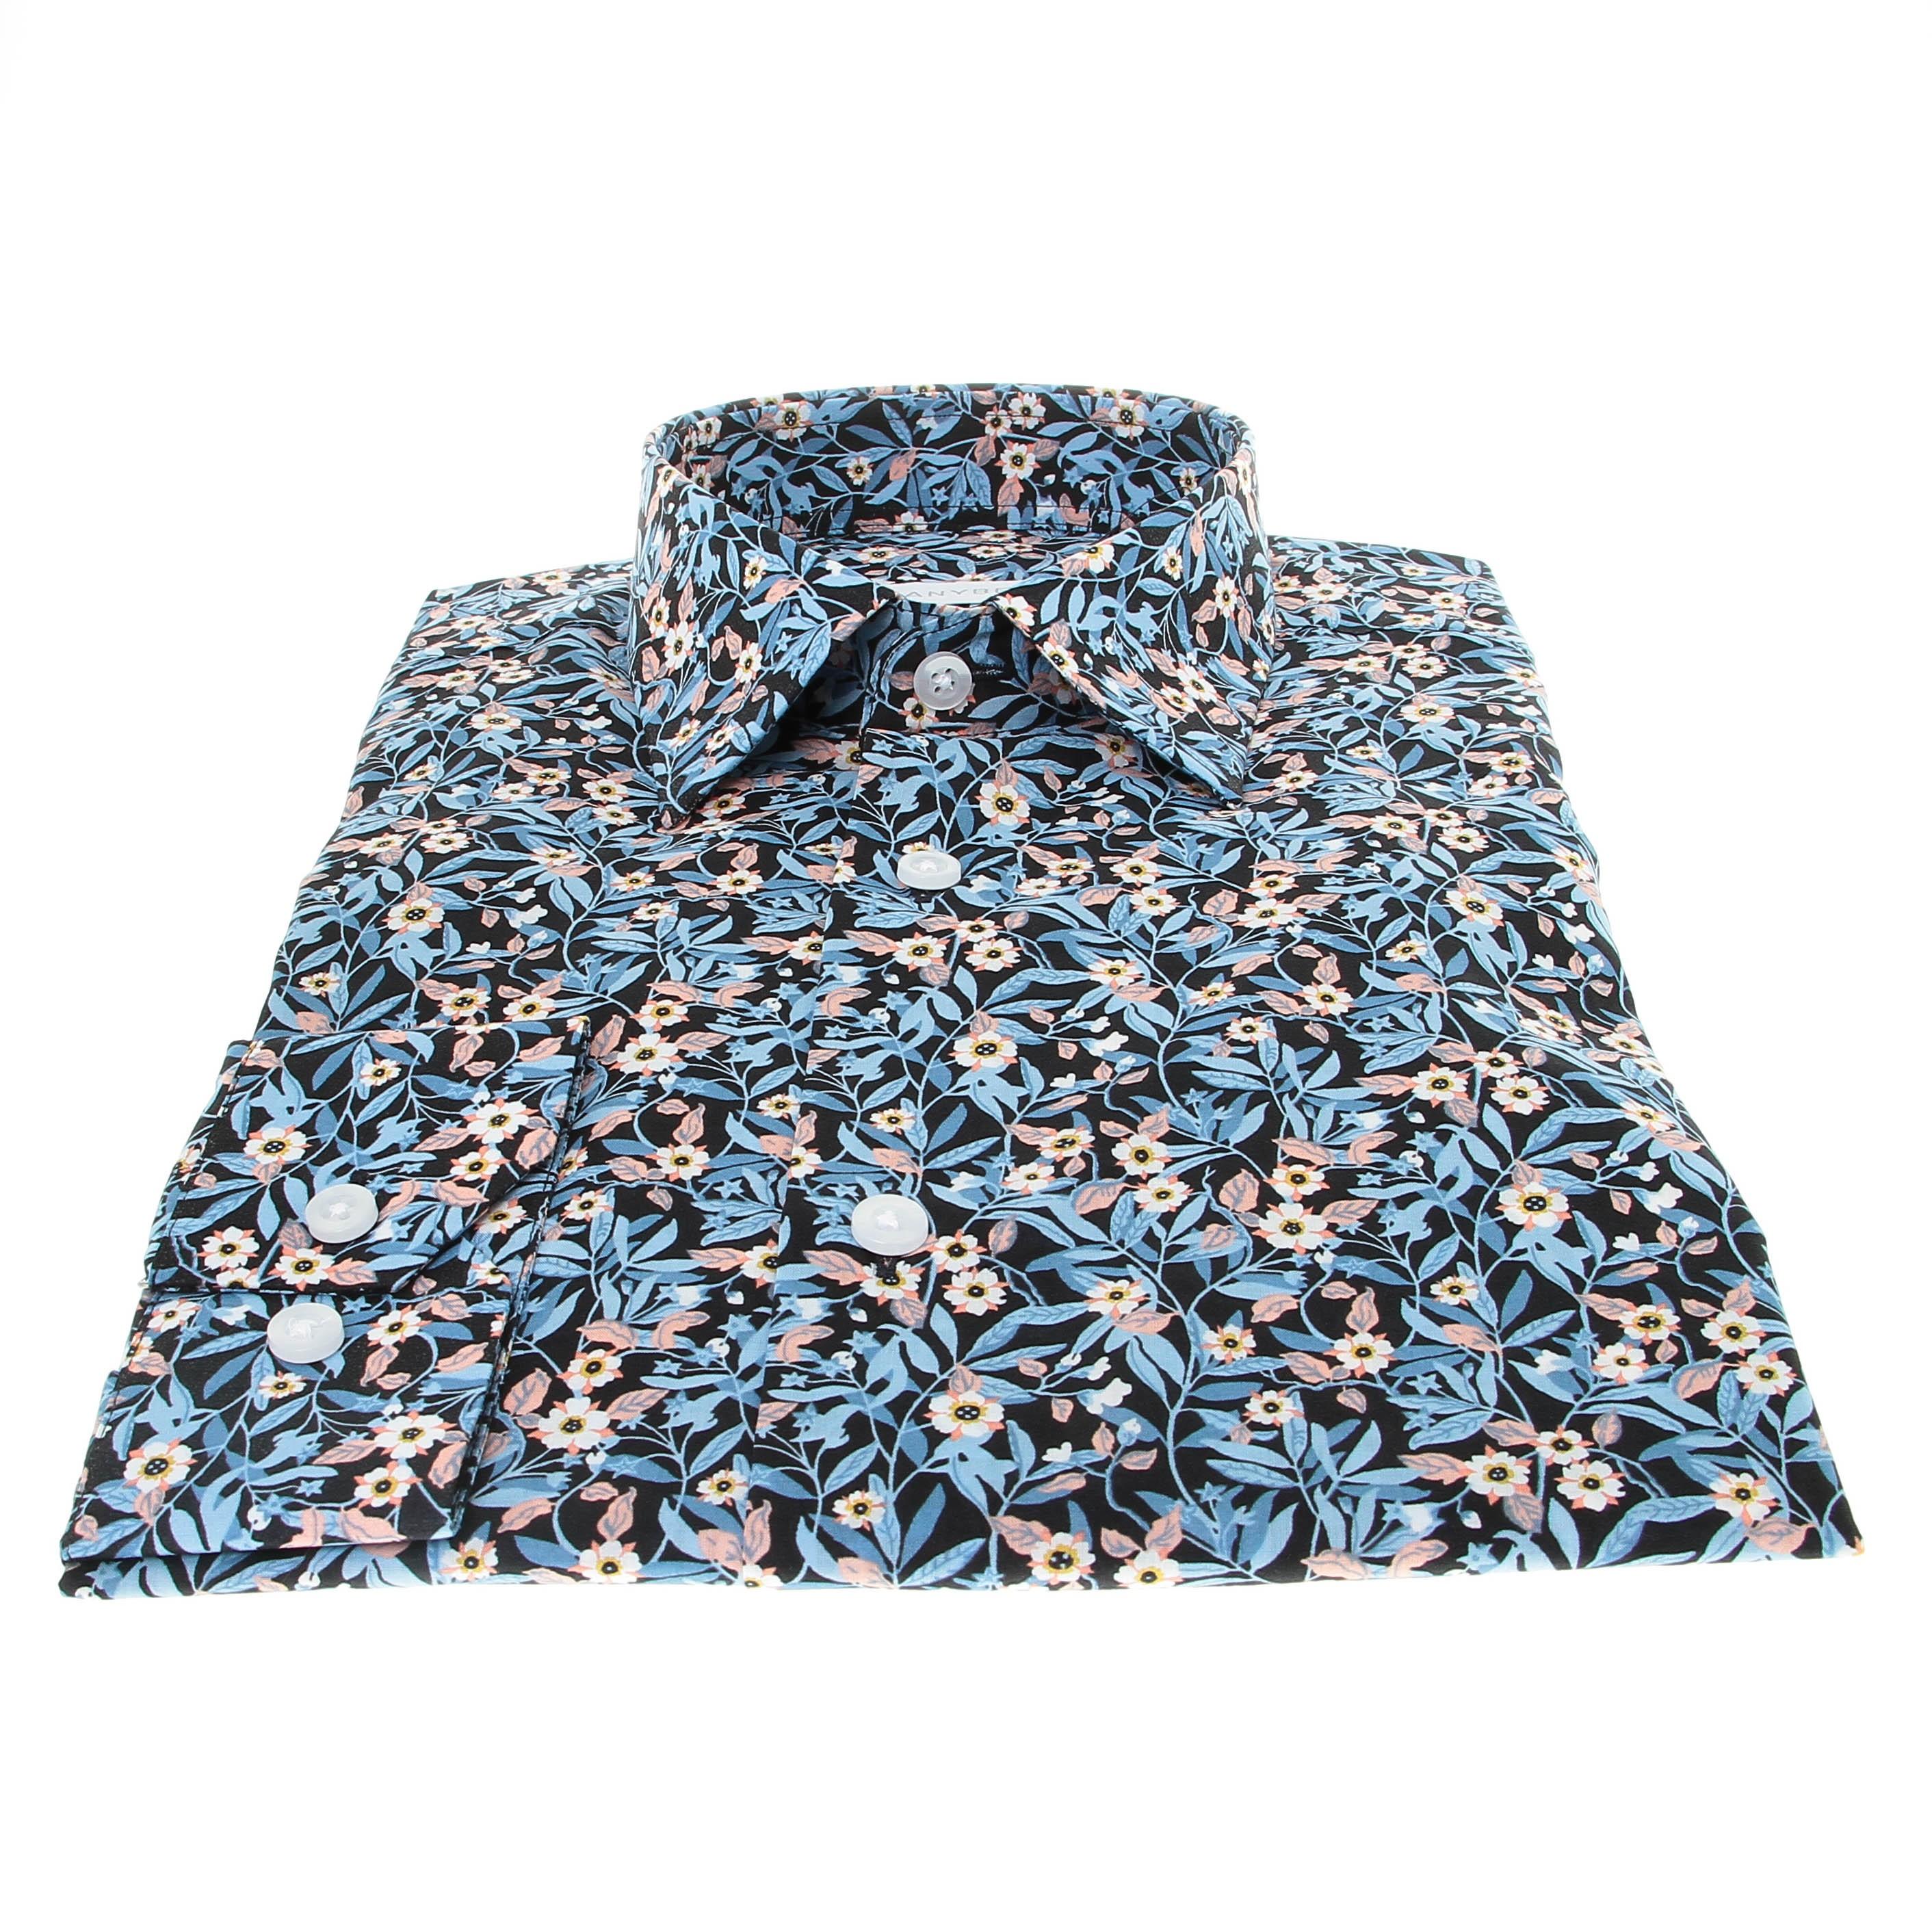 Chemise Summer : Bleu - Motifs fleurs - Petit Col Français (chemise)